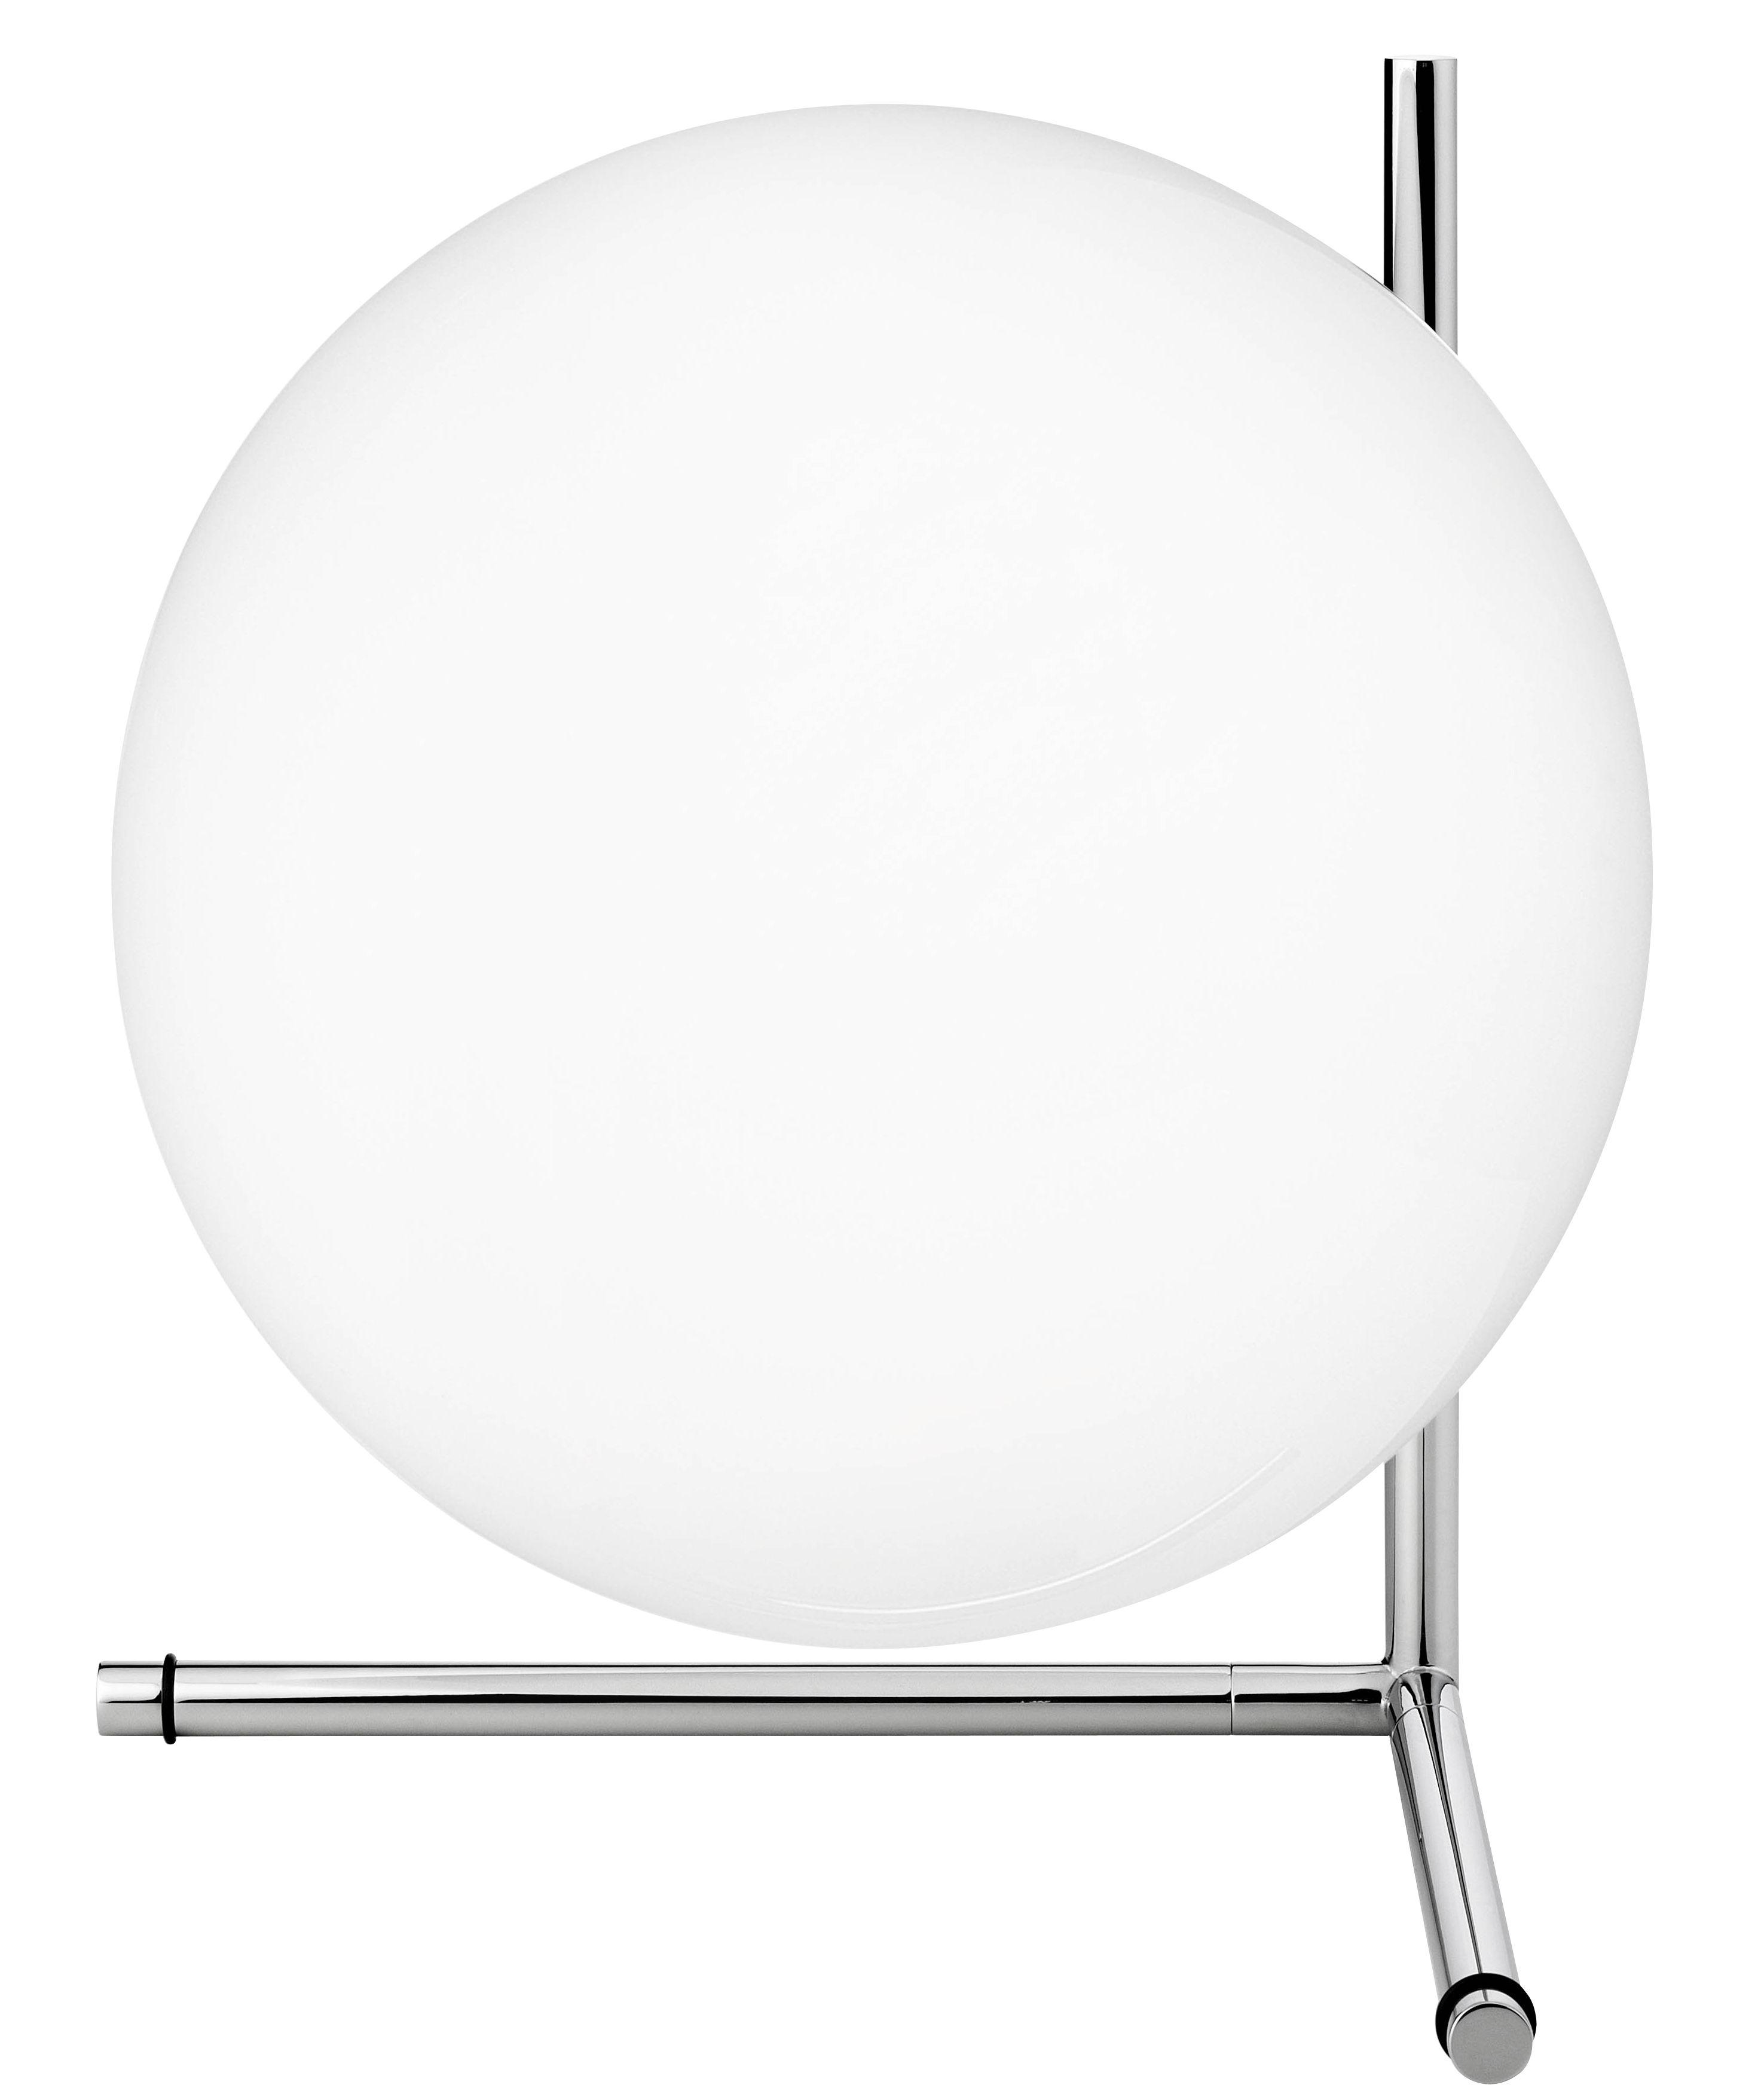 Ic t2 lampada da tavolo h 35 cm cromato by flos made for Lampada da tavolo design flos